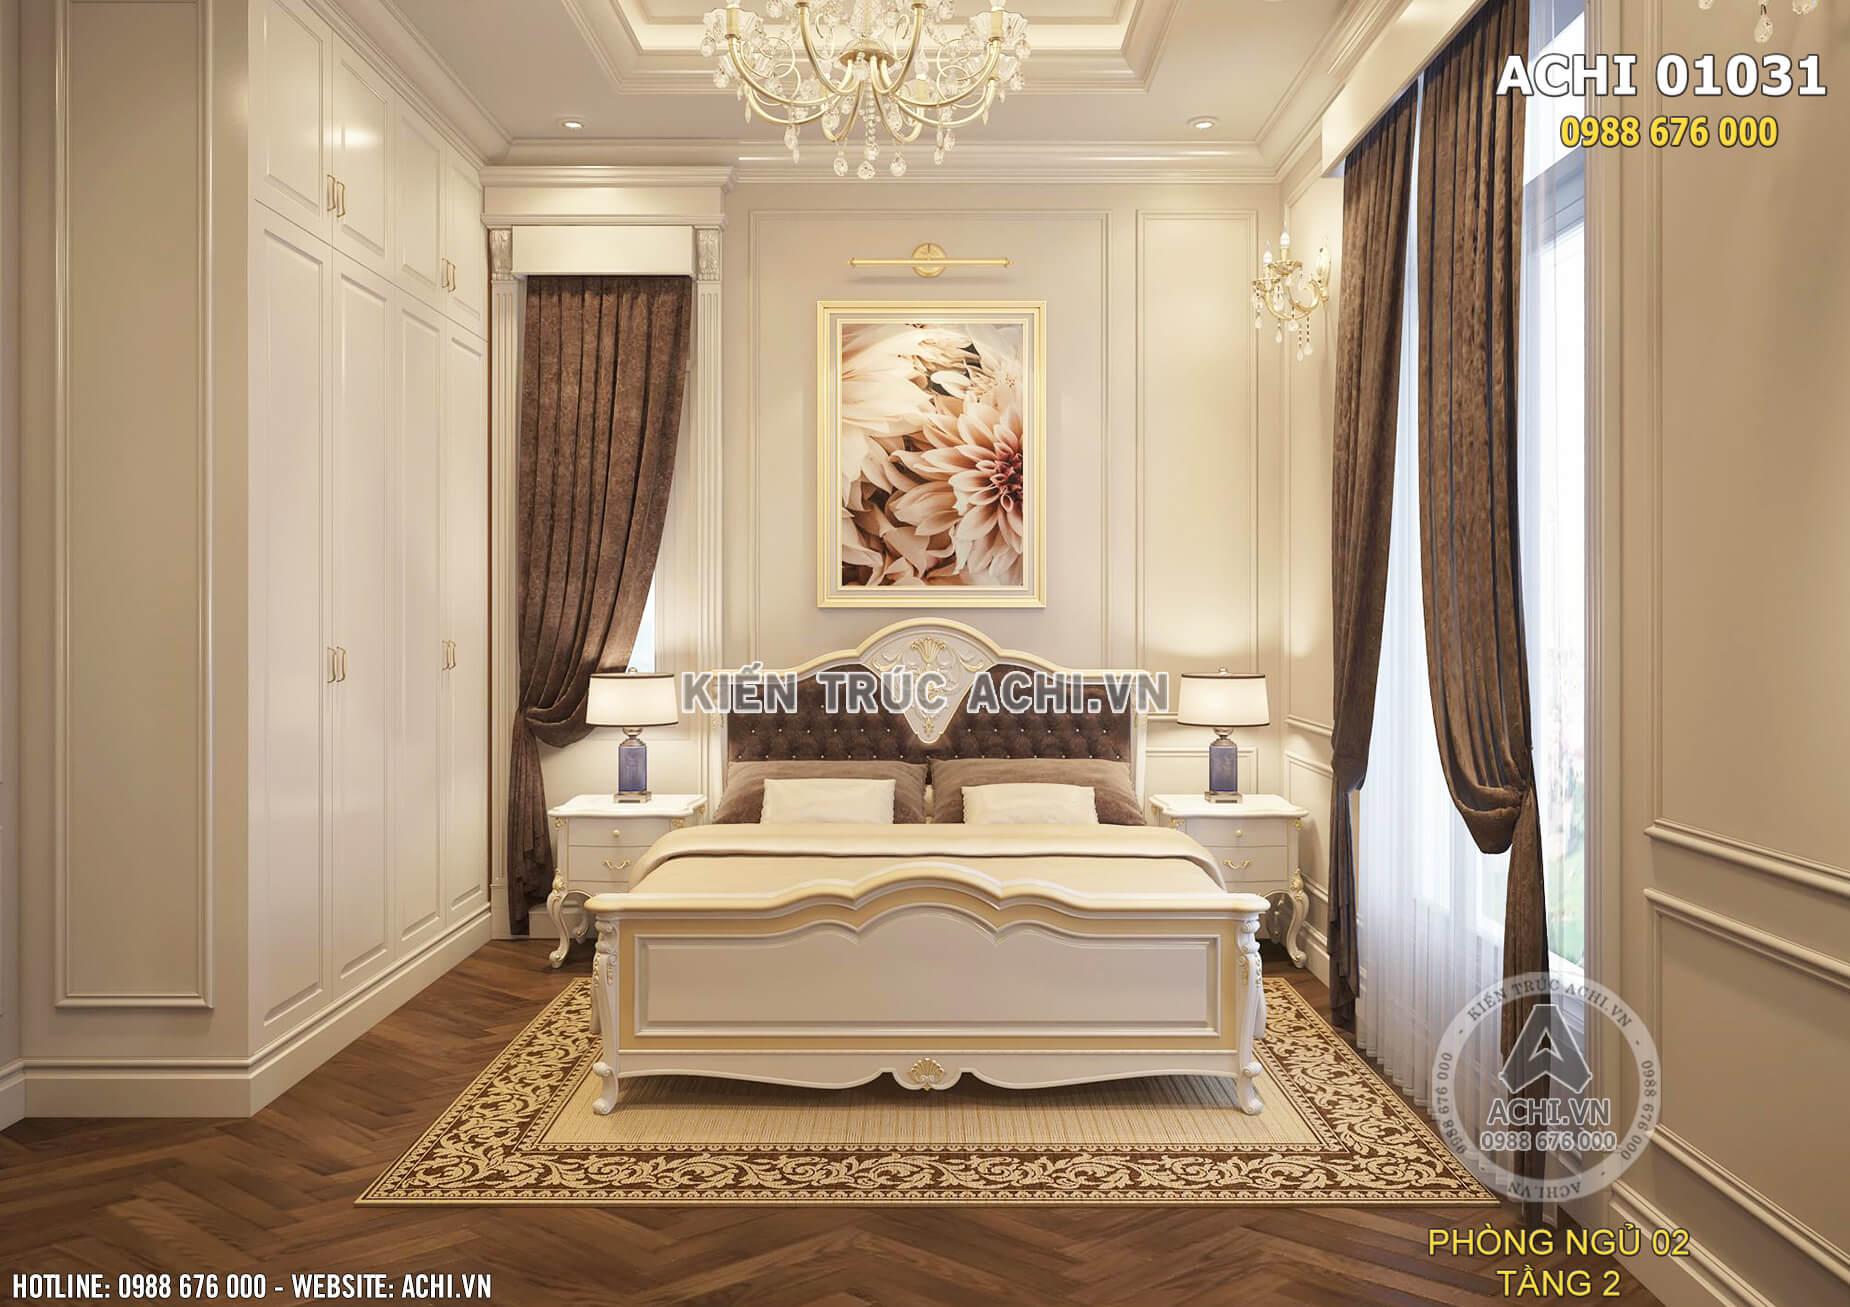 Nội thất phòng ngủ tân cổ điển sang trọng và ấn tượng